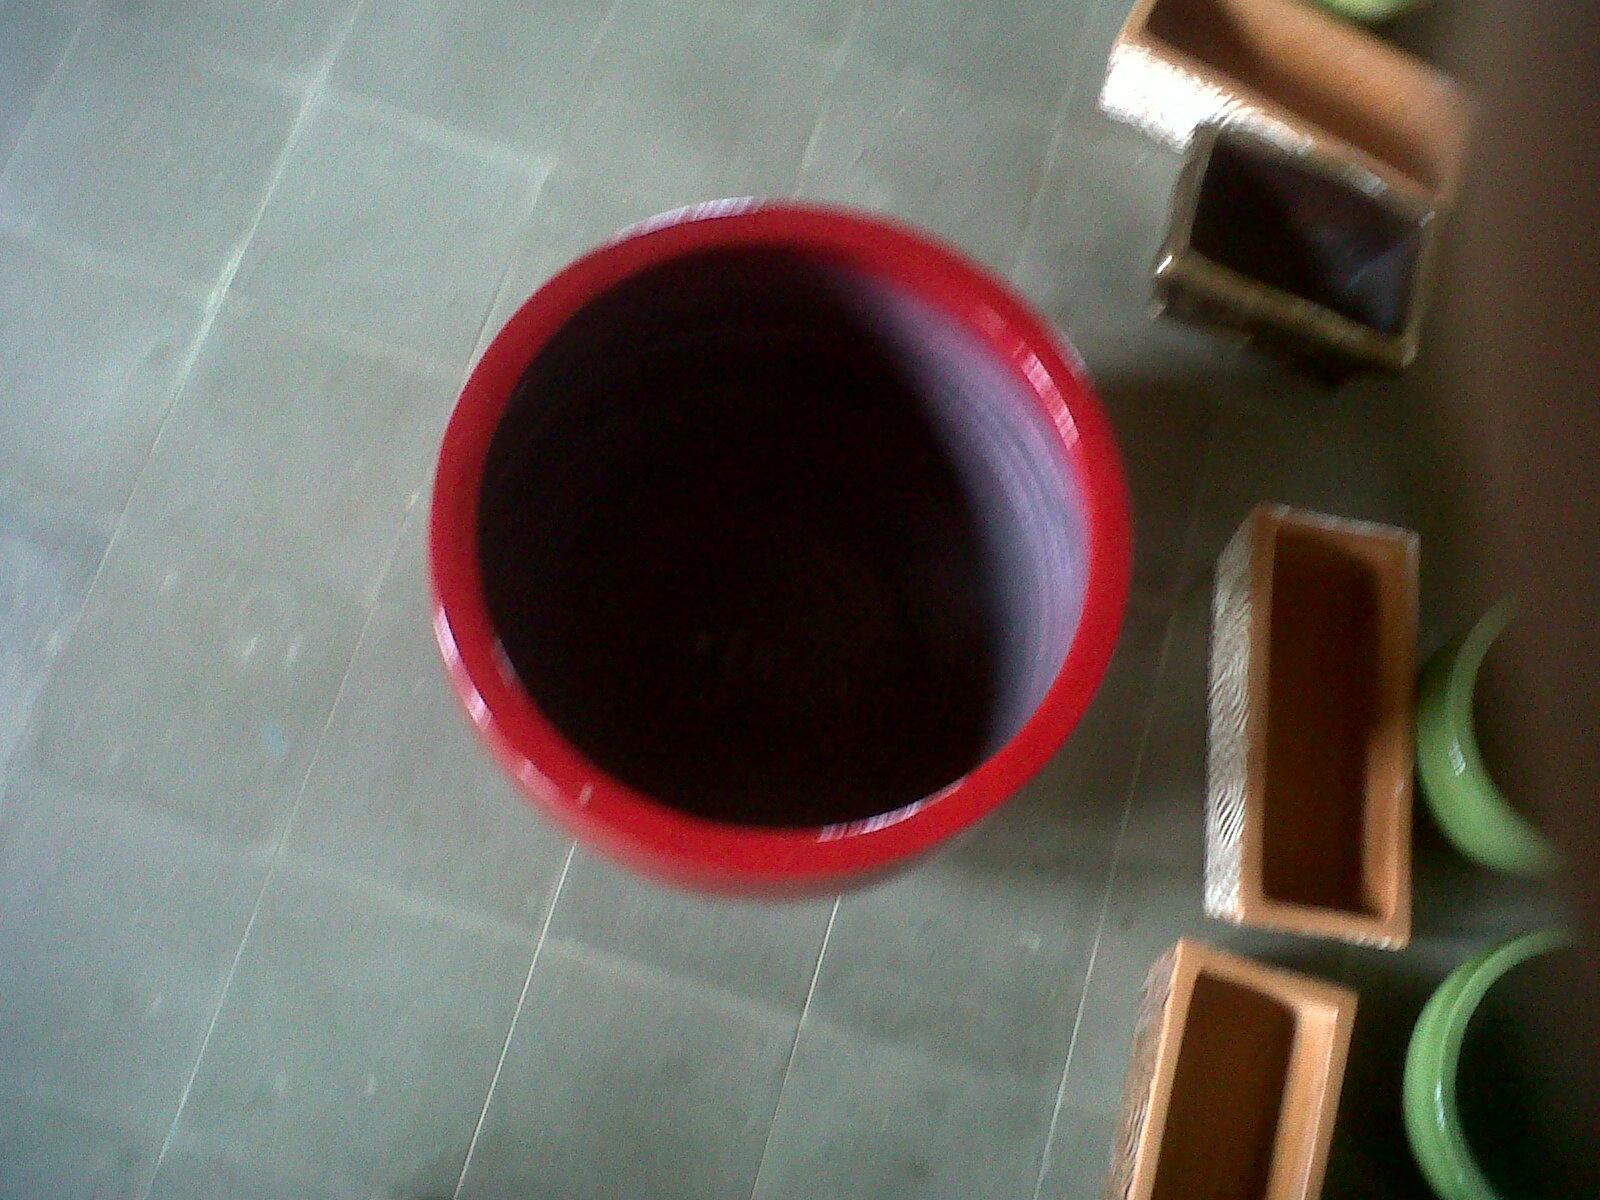 Pot luar warna merah untuk indoor plant tanpa bibir tampak atas